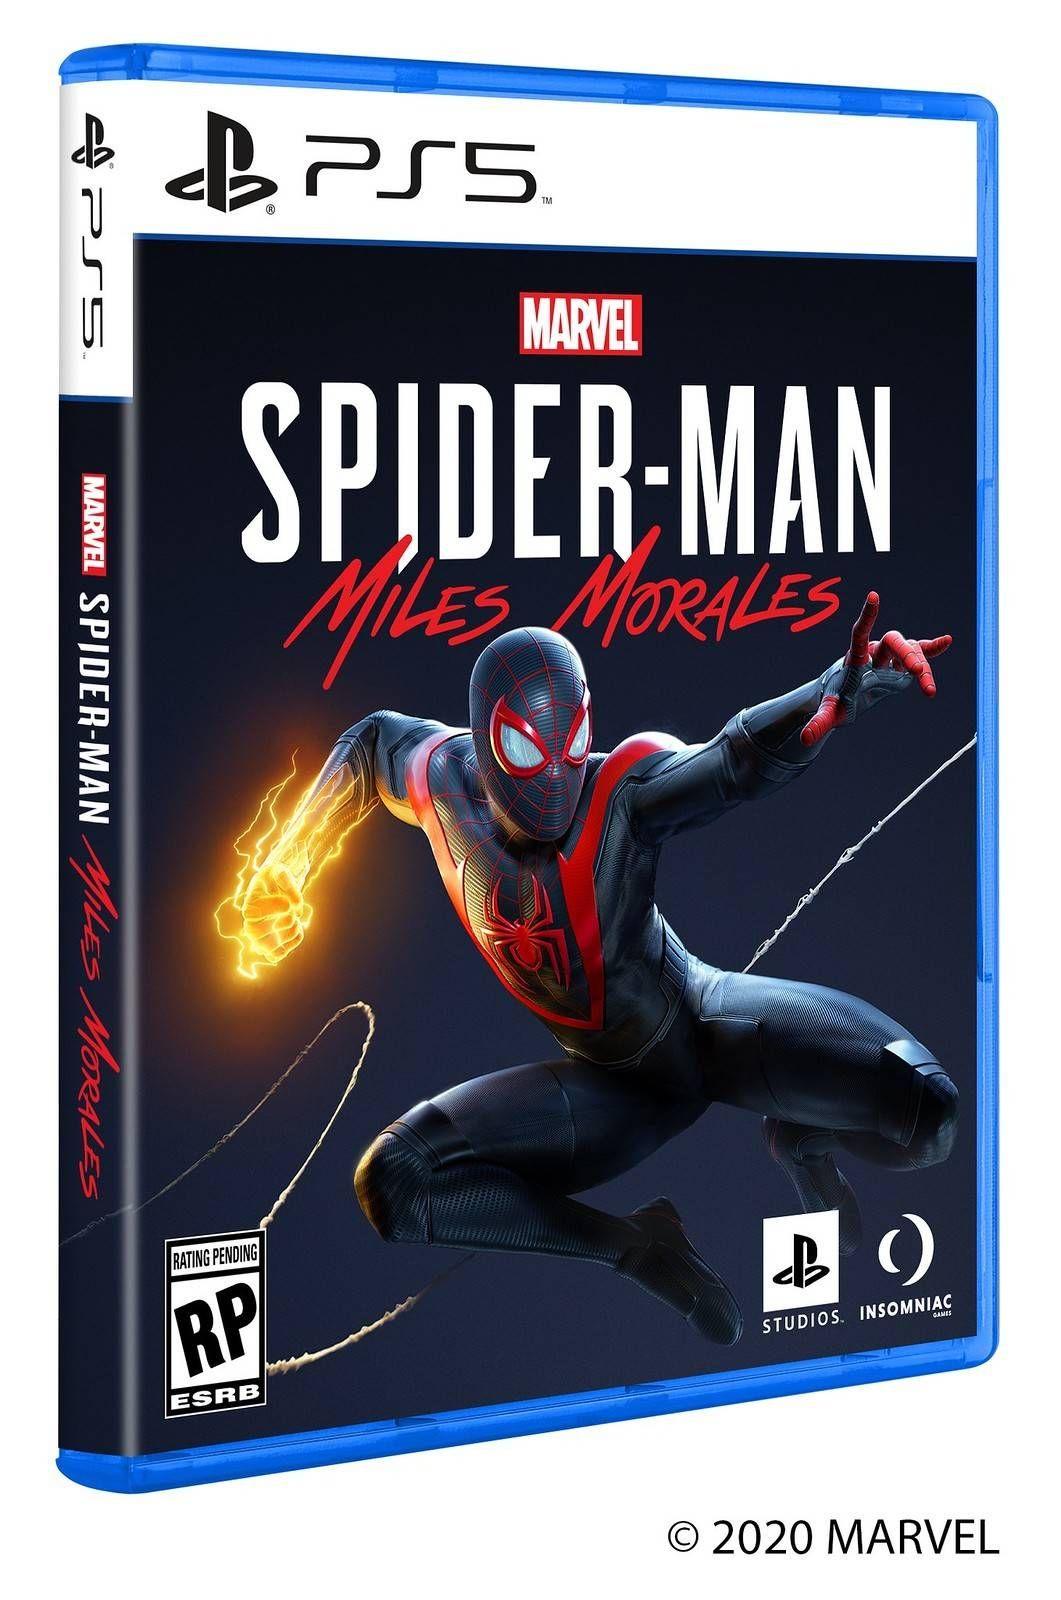 Takto budú vyzerať obaly hier na PlayStation 5. Biela farba nahradila modrú